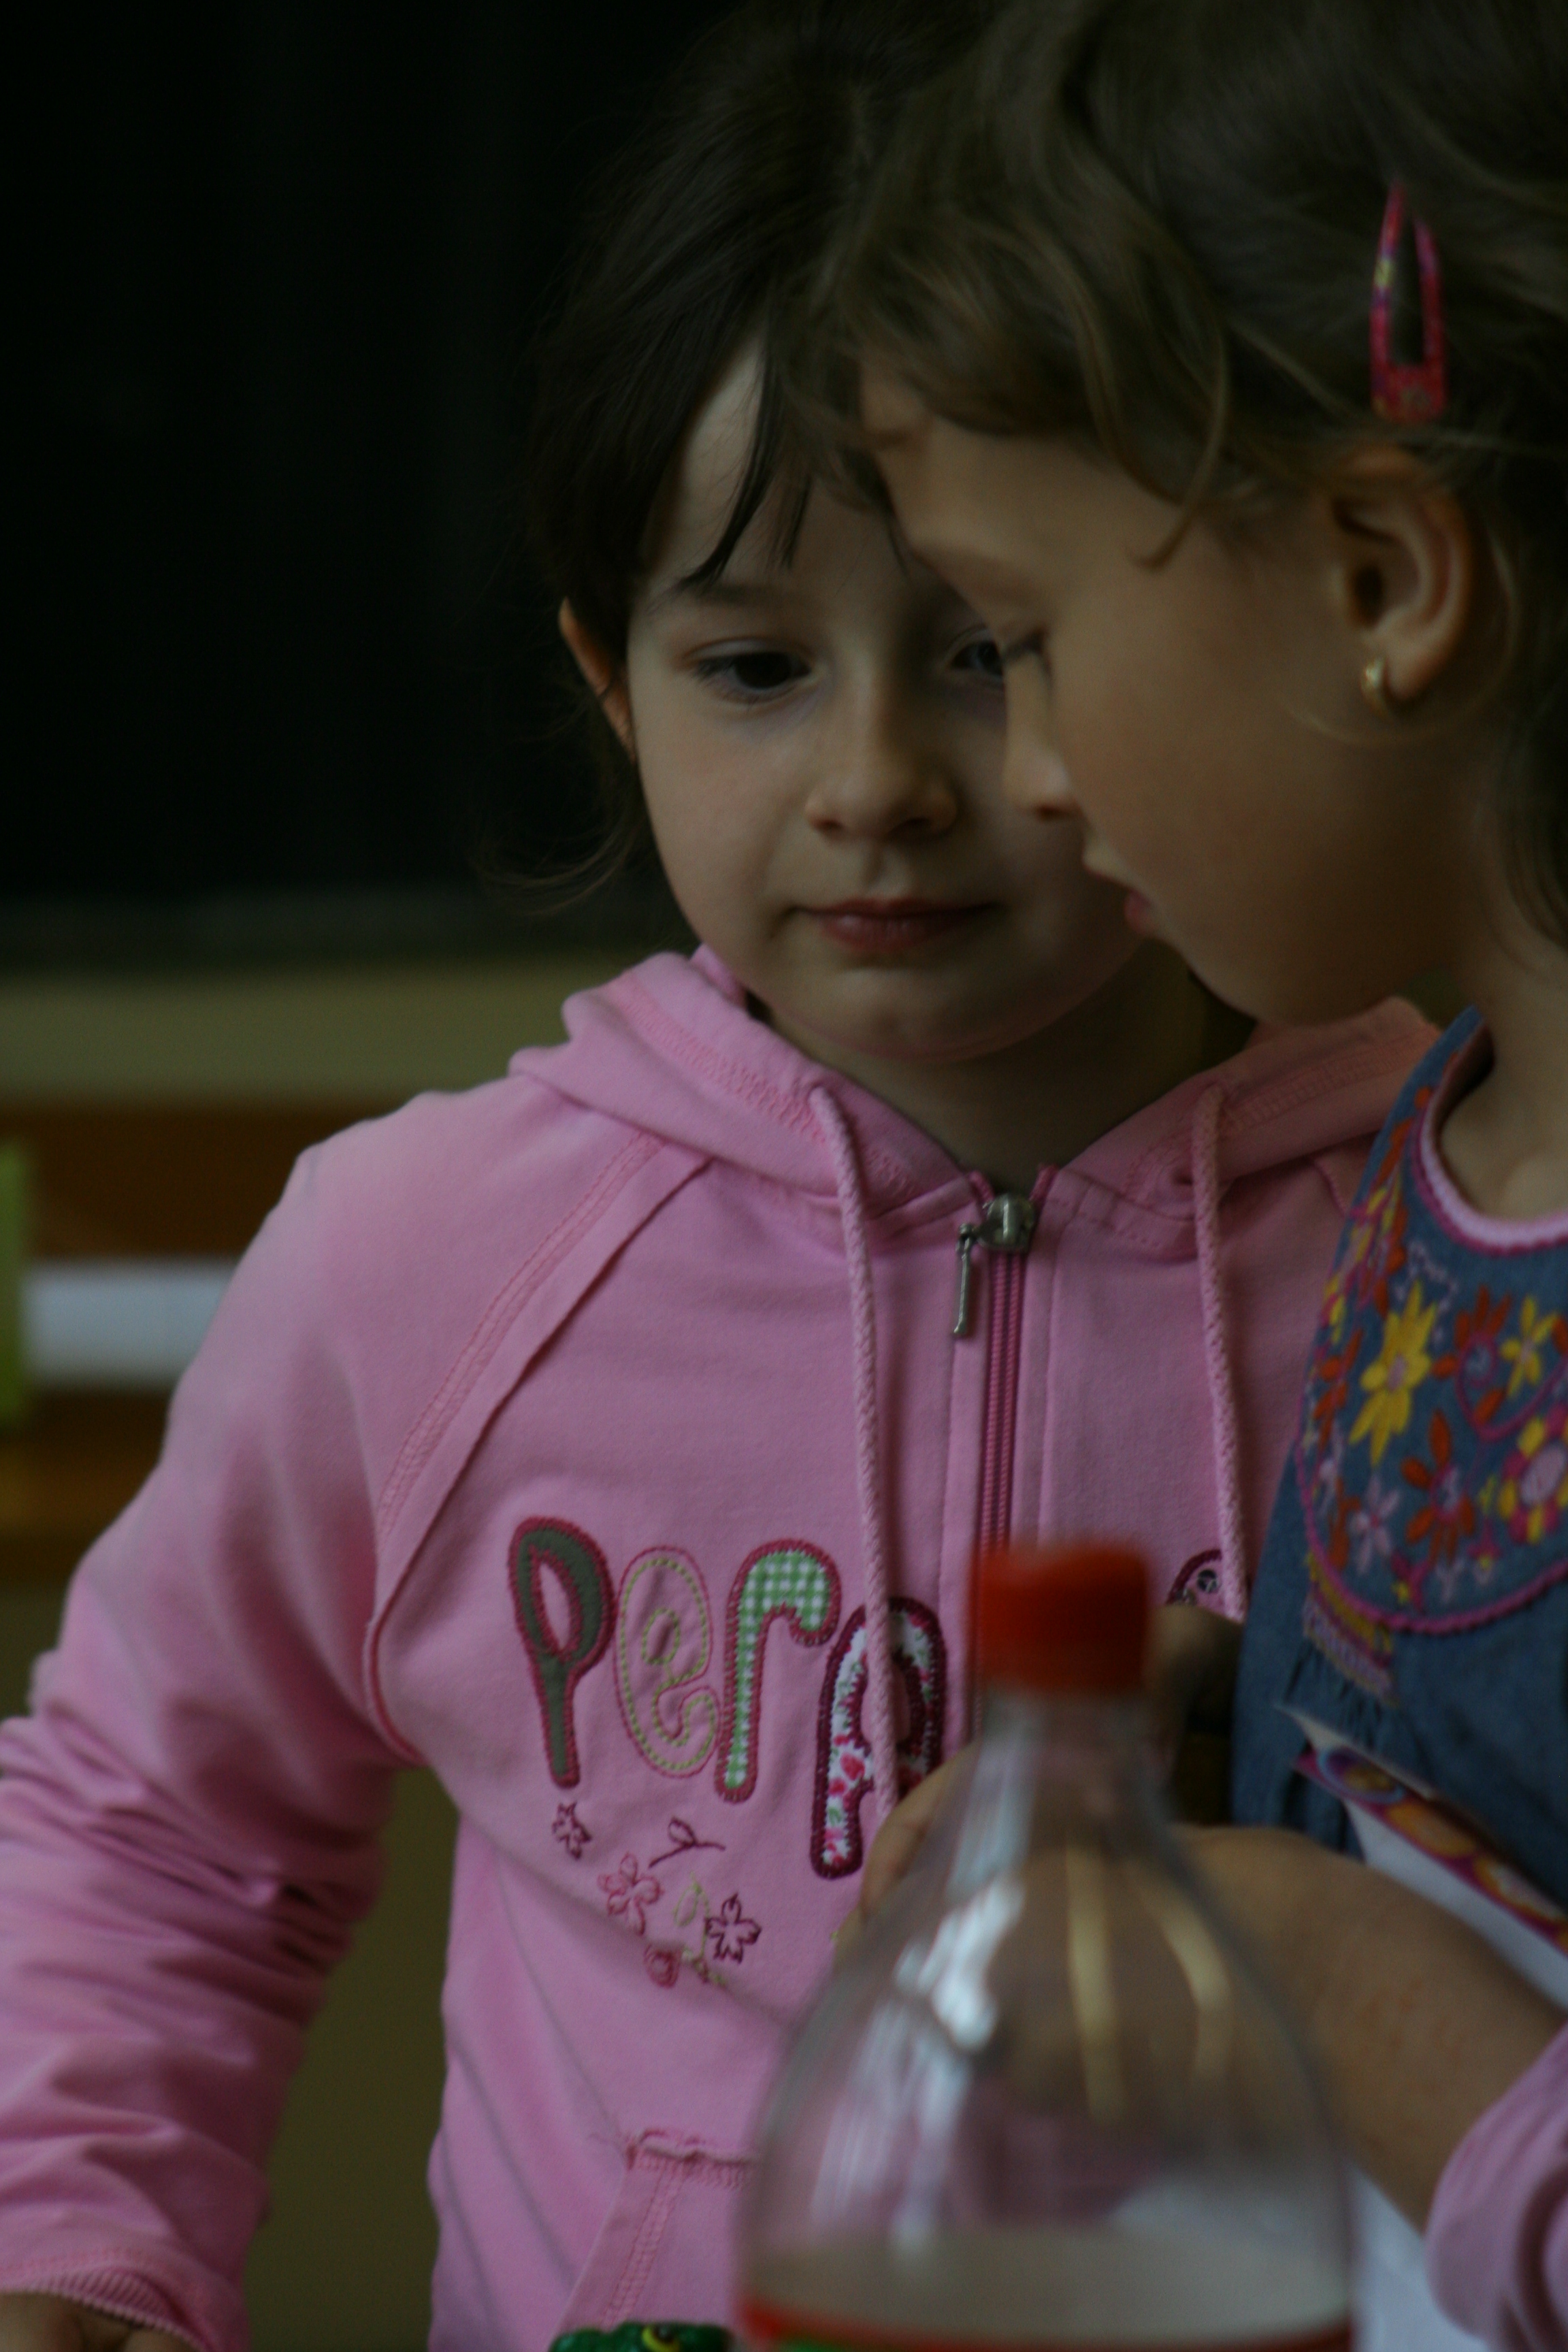 Medzinárodný deň detí na 1. stupni